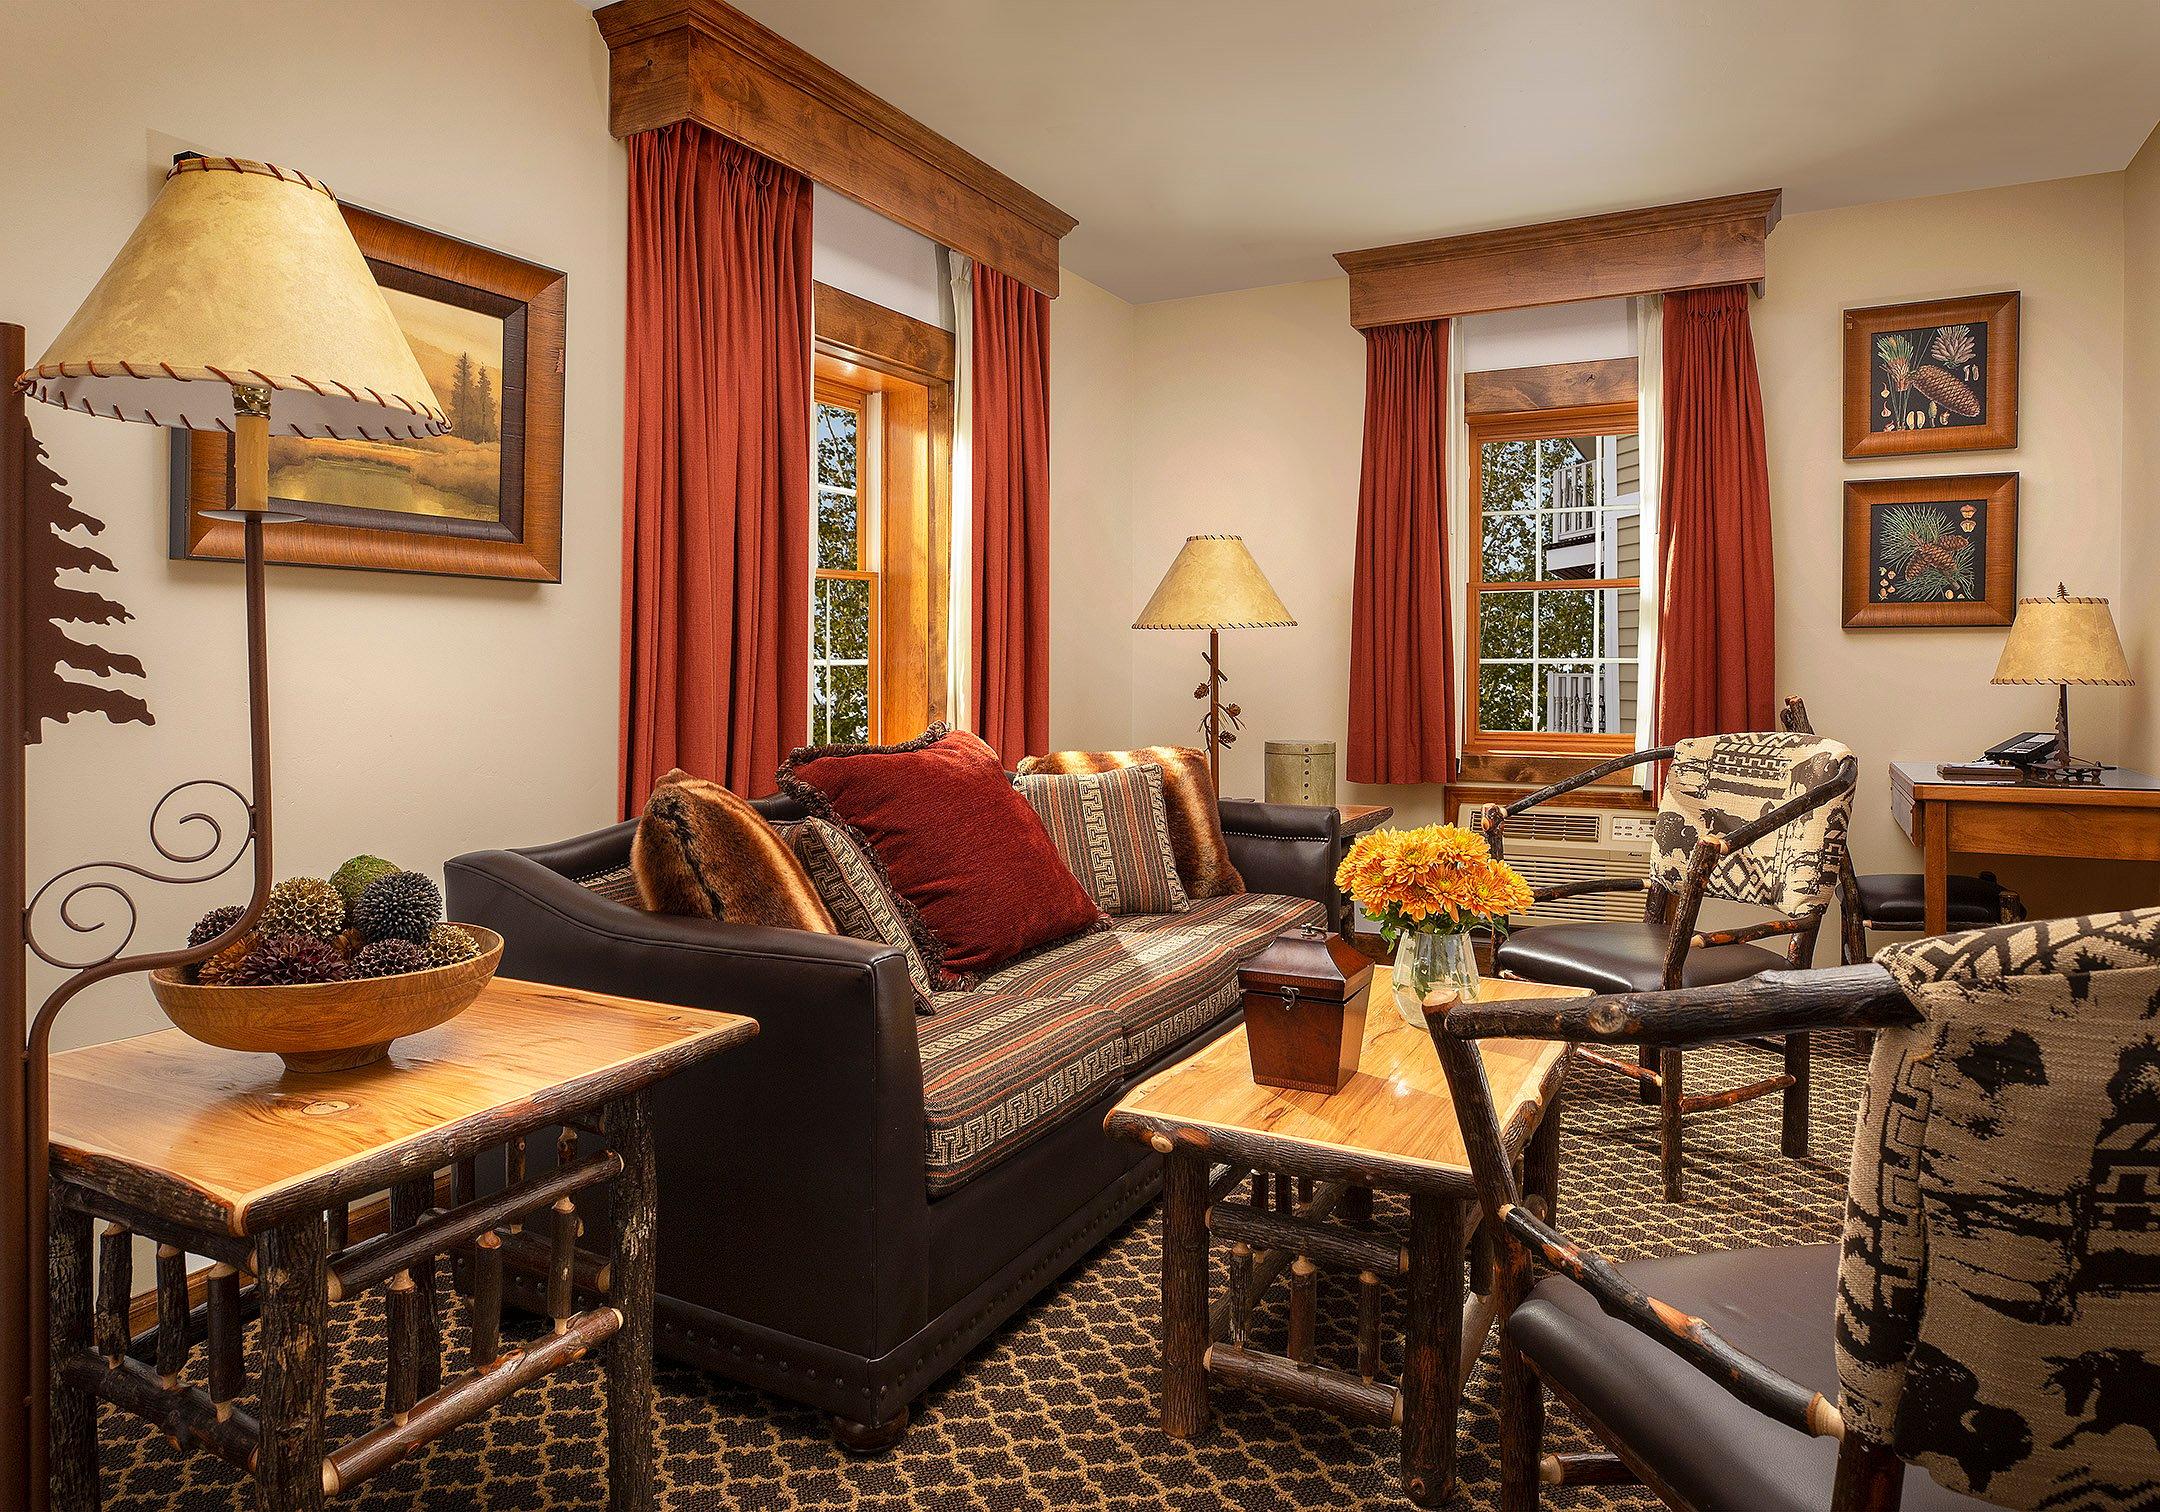 1 Bedroom Cottage Suite